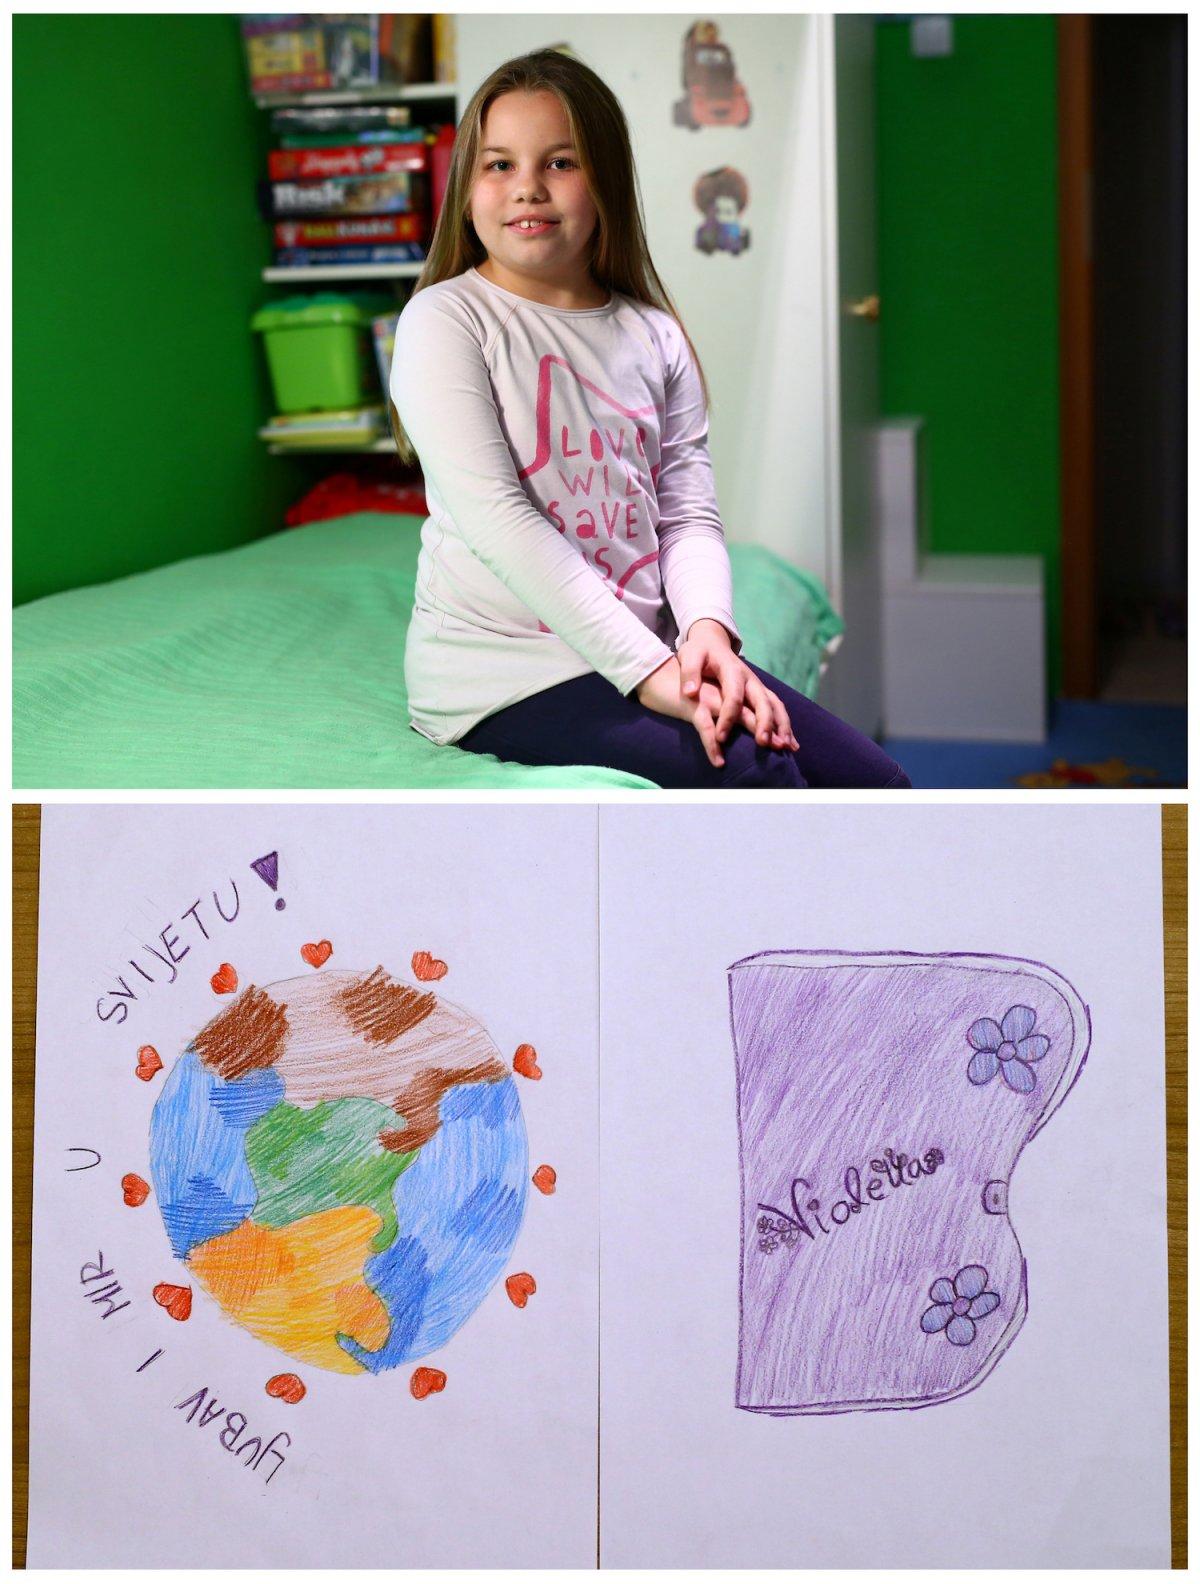 14. Восьмилетняя Дора из Хорватии мечтает о любви и мире во всем мире. А еще она хотела бы получить дневник.